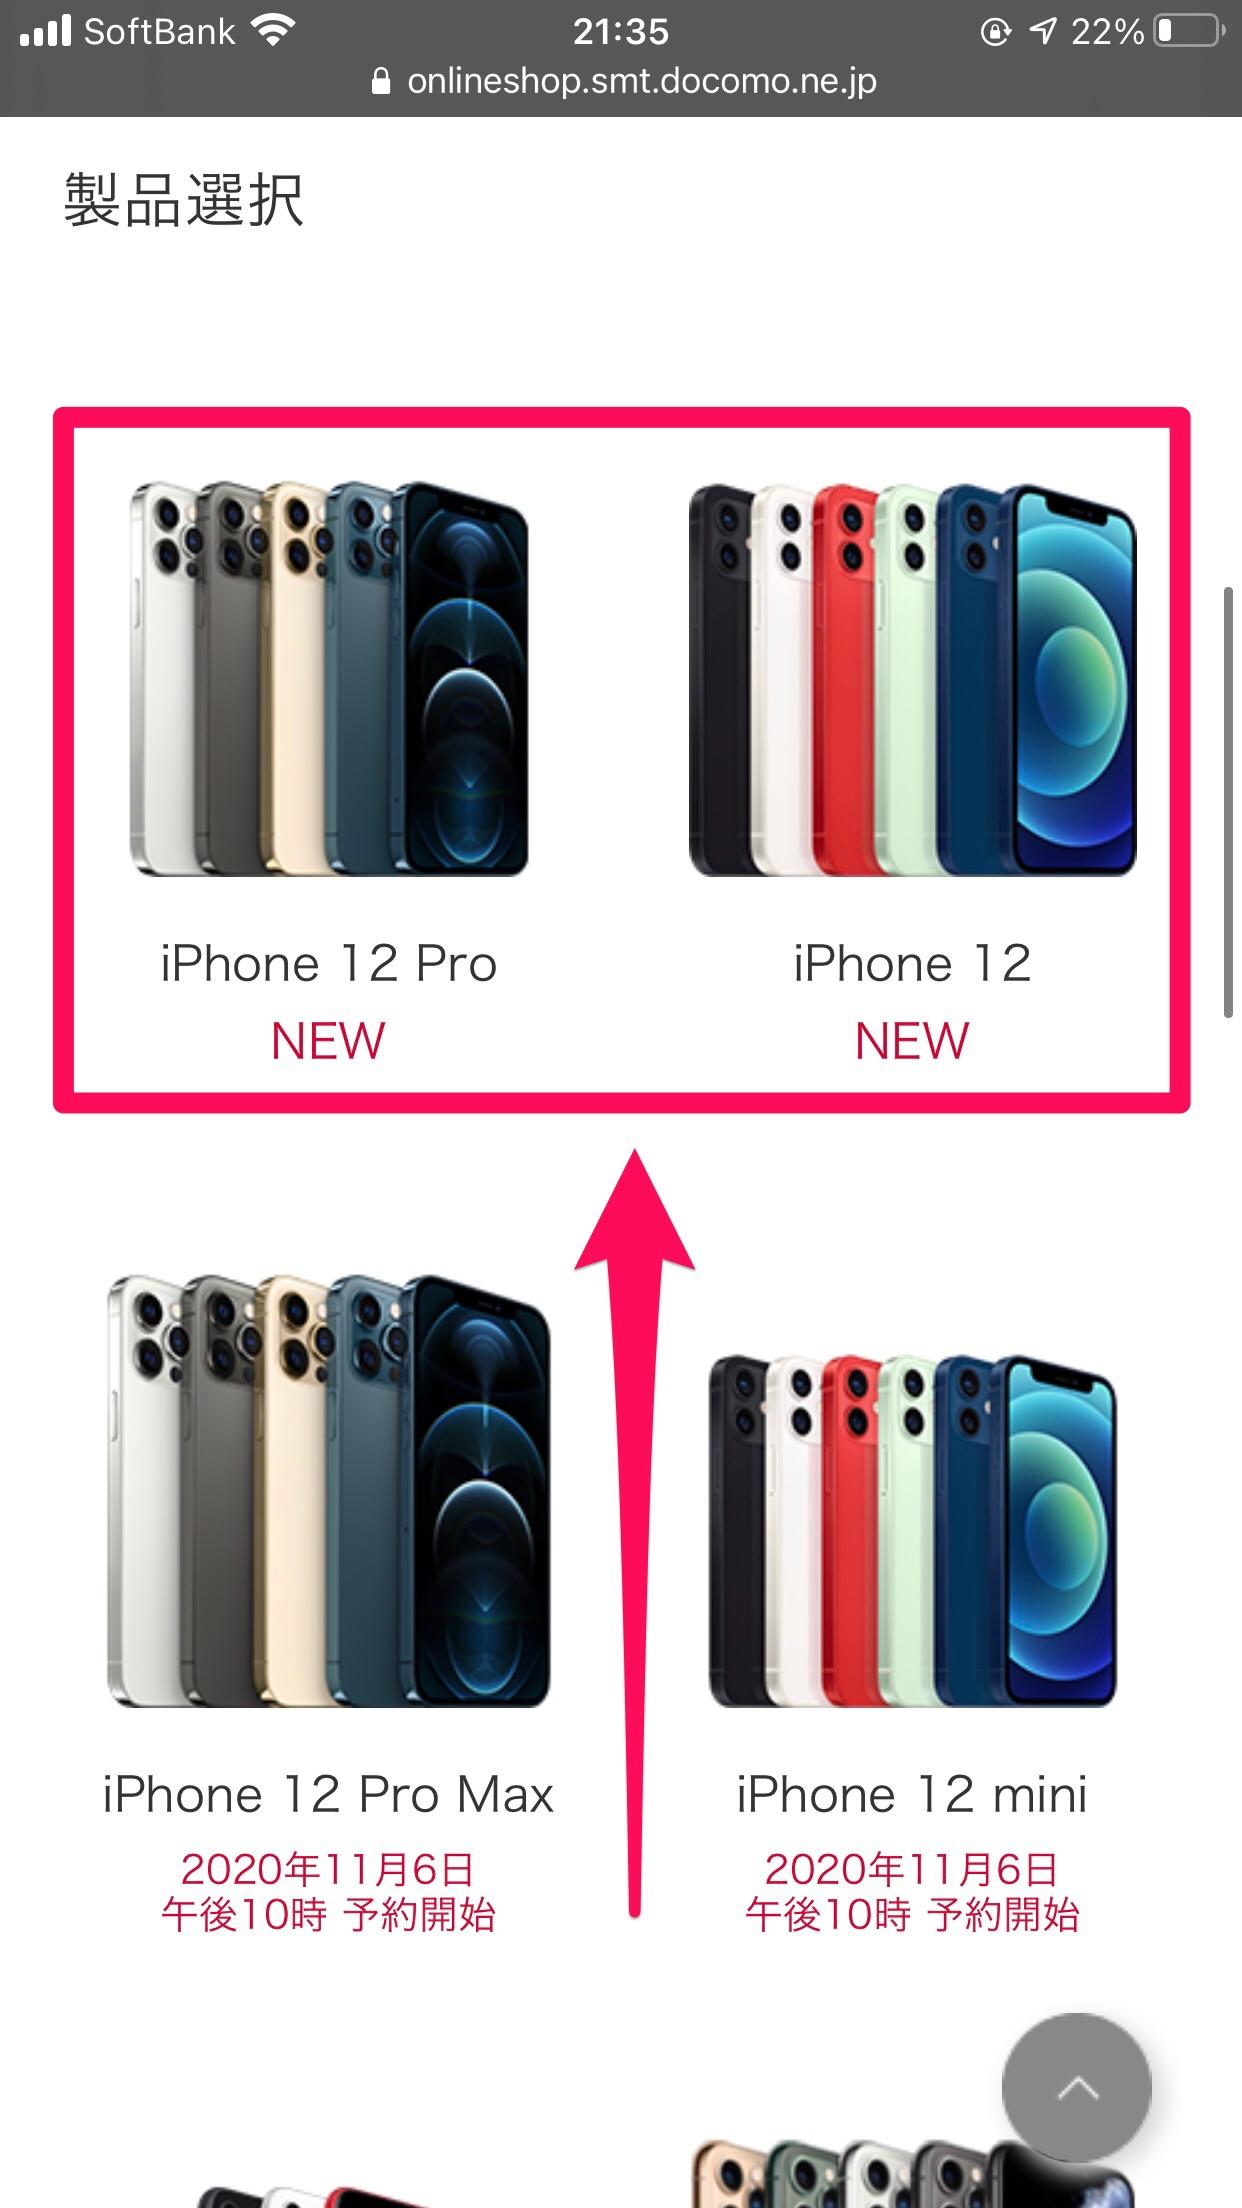 ドコモオンラインショップでiPhone 12購入3